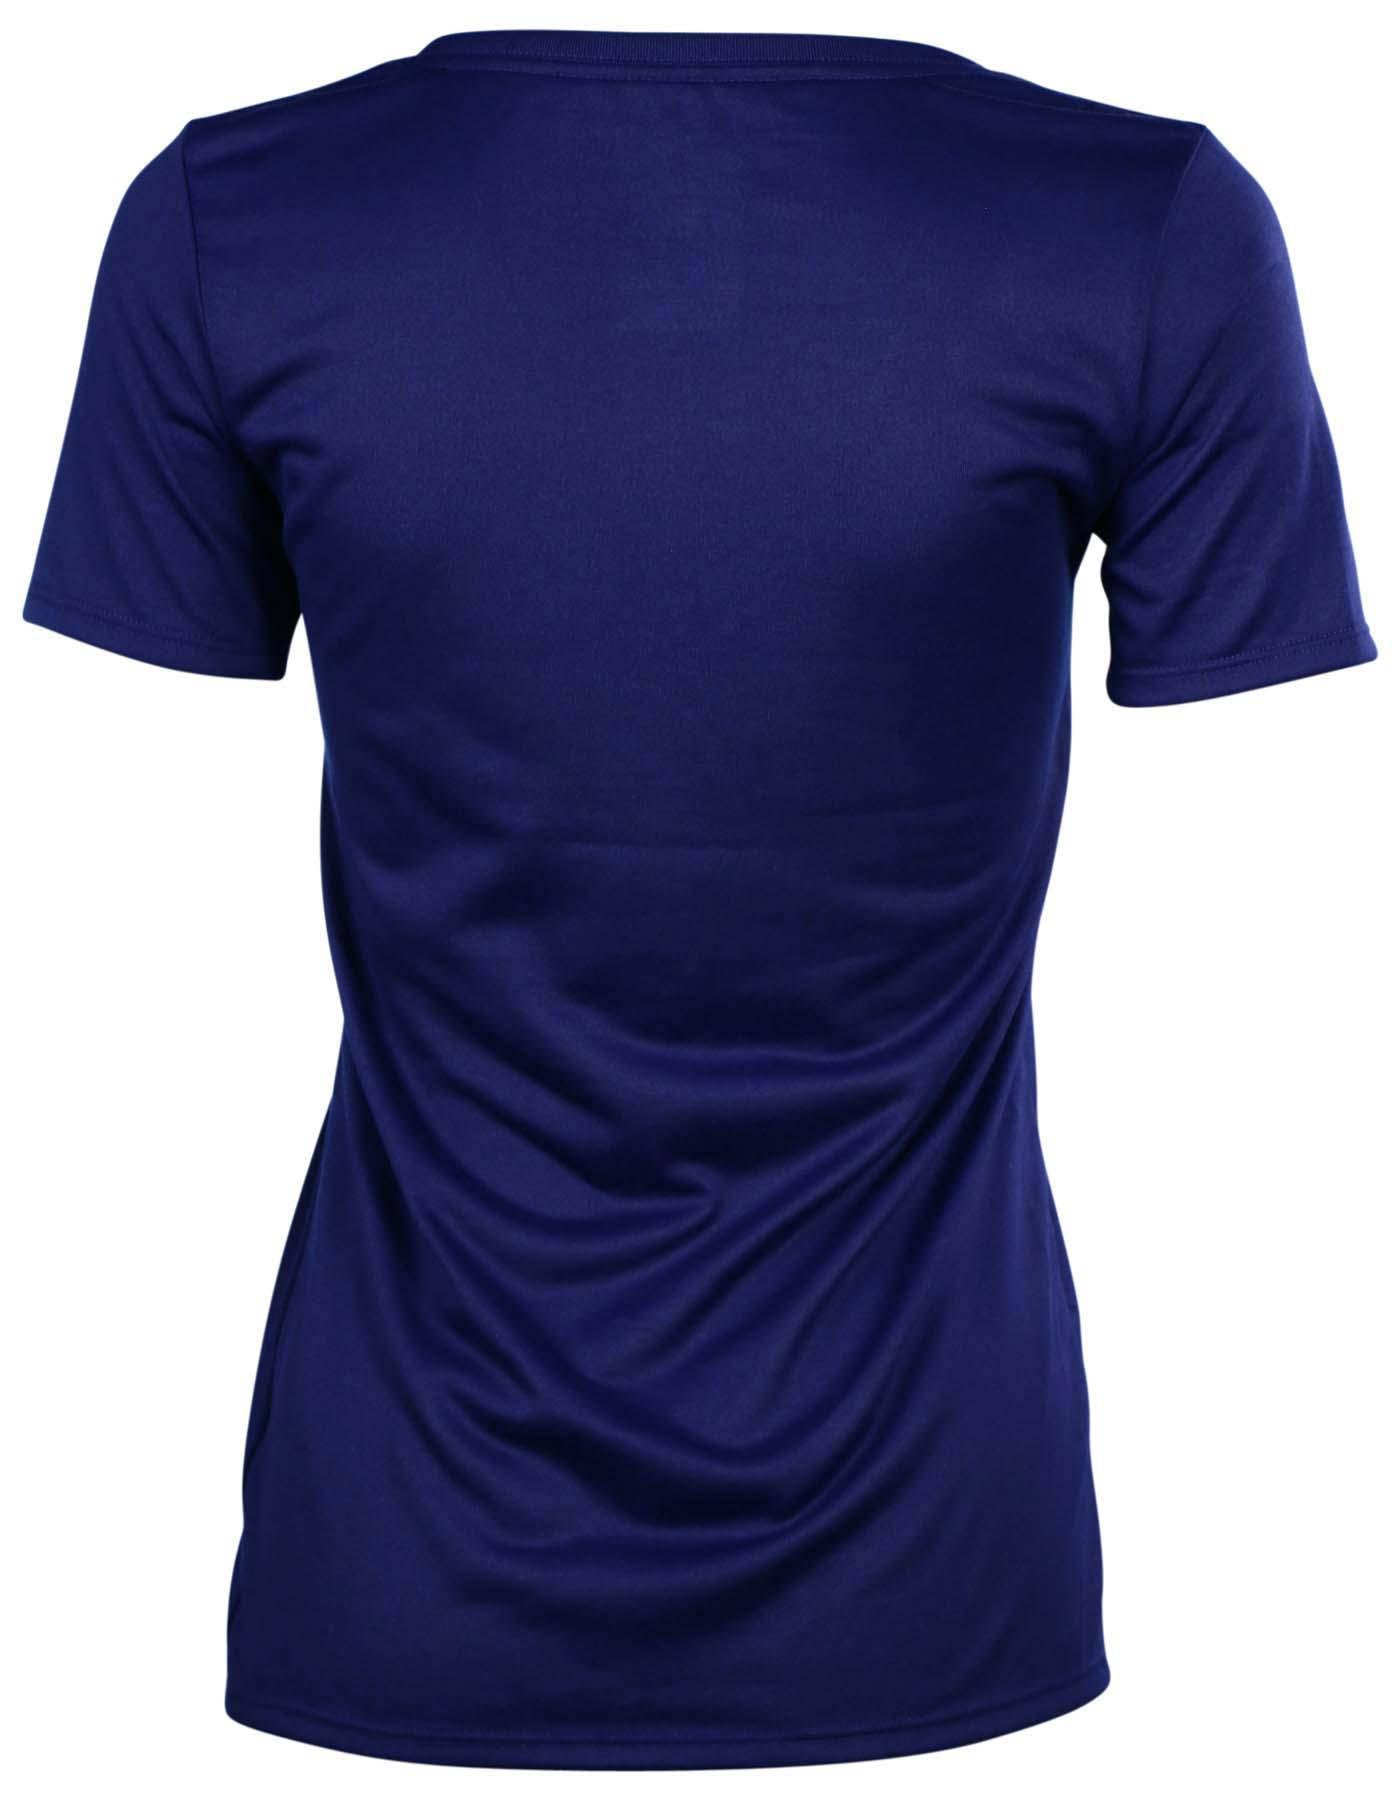 Nike women 39 s dri fit legend v neck workin 39 it t shirt ebay for Nike dri fit t shirt ladies